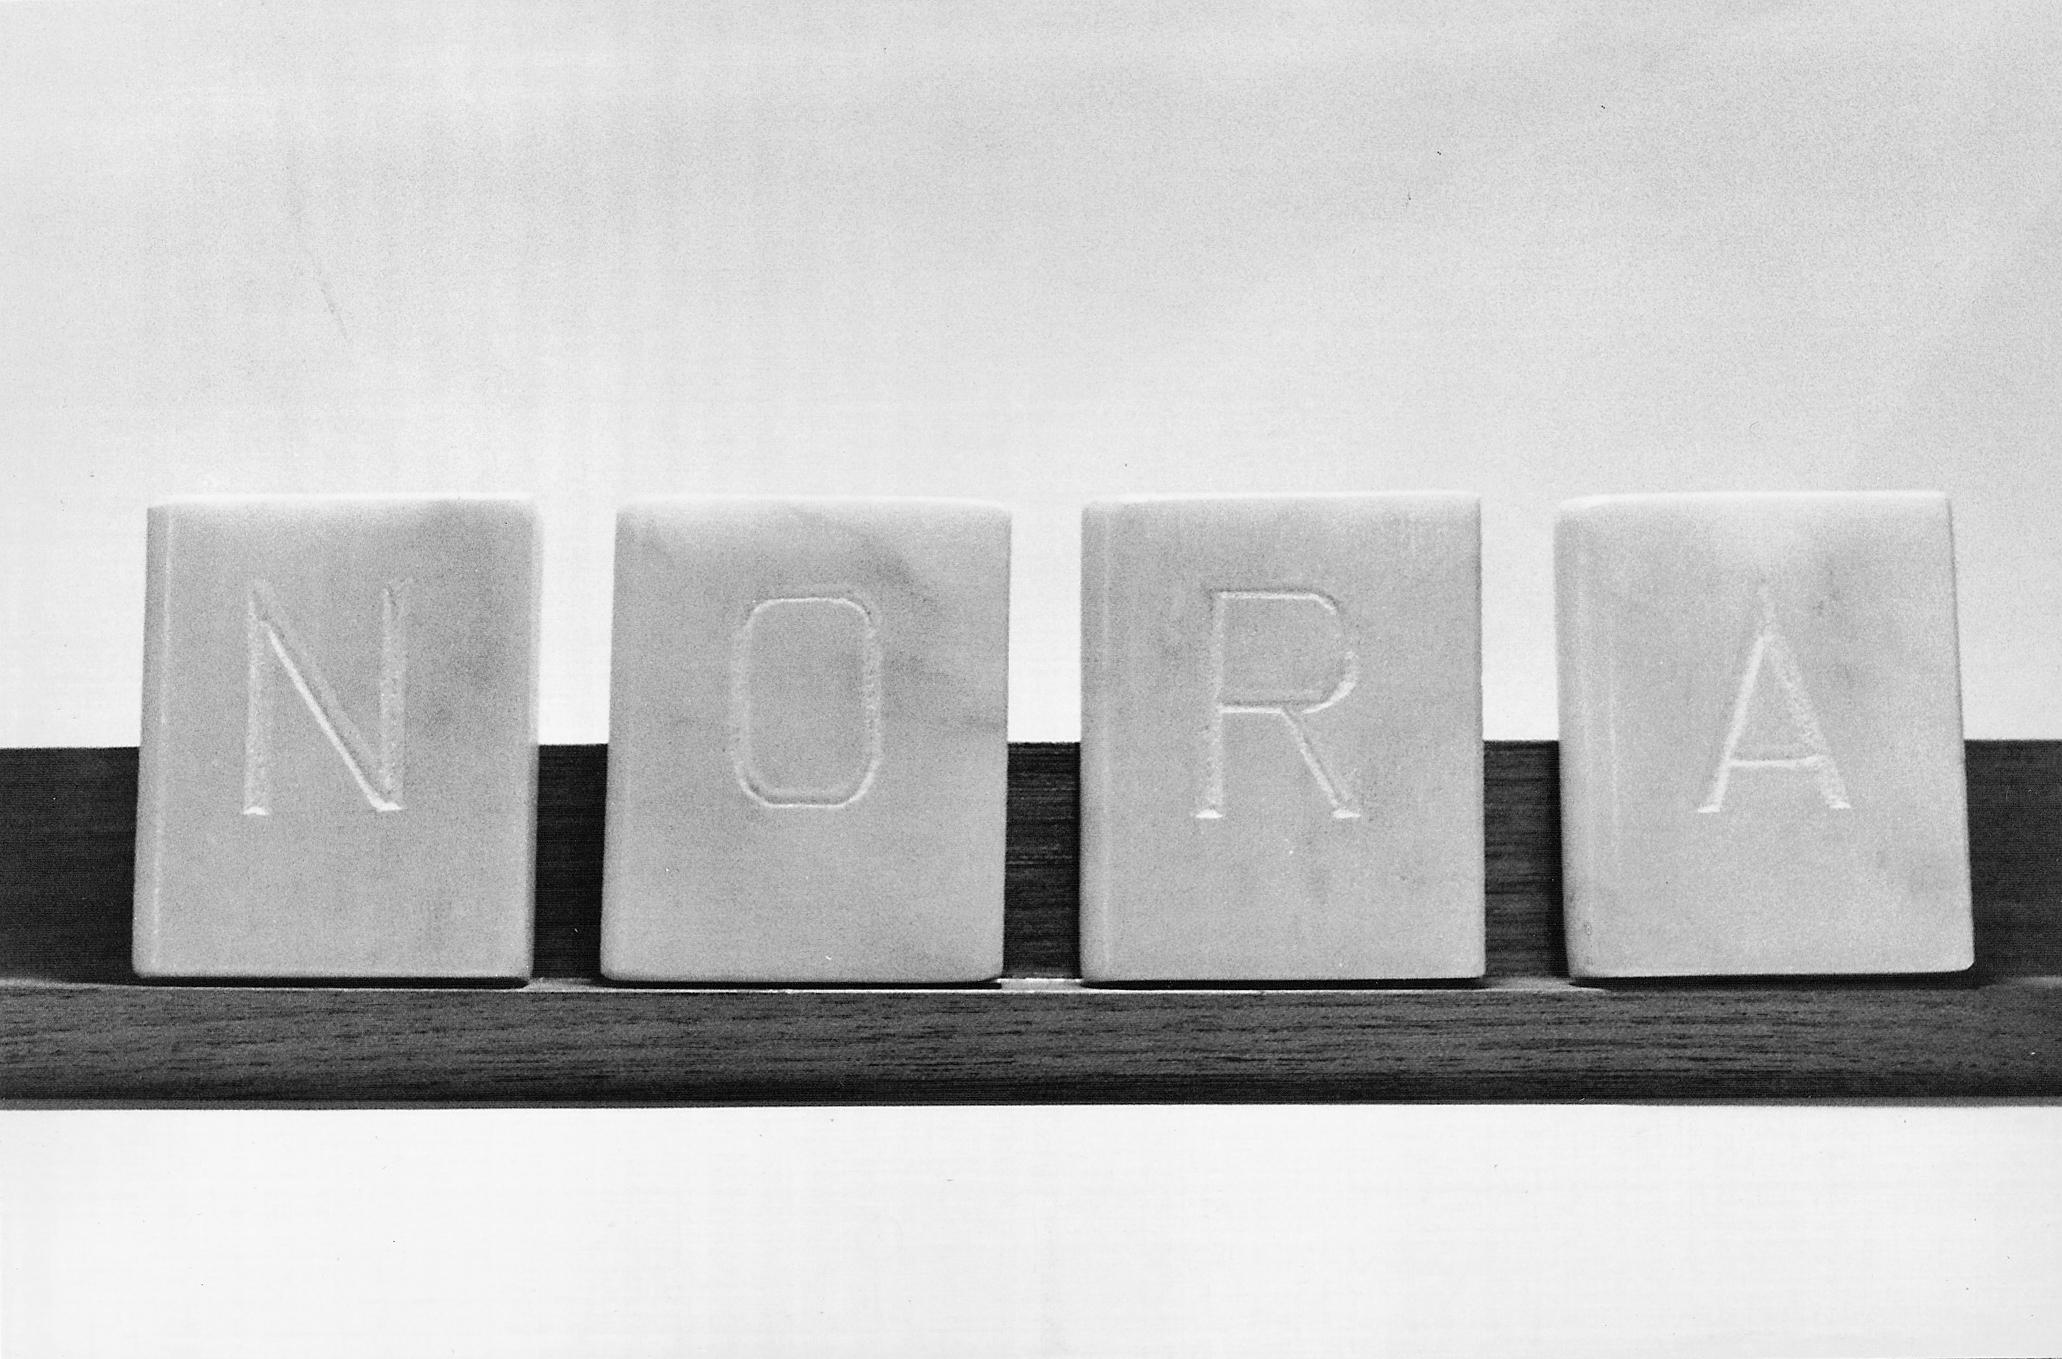 Abecedario, NORA, libros en mármol de Carrara 6 cm x 5 cm x 1,5cm, 1984